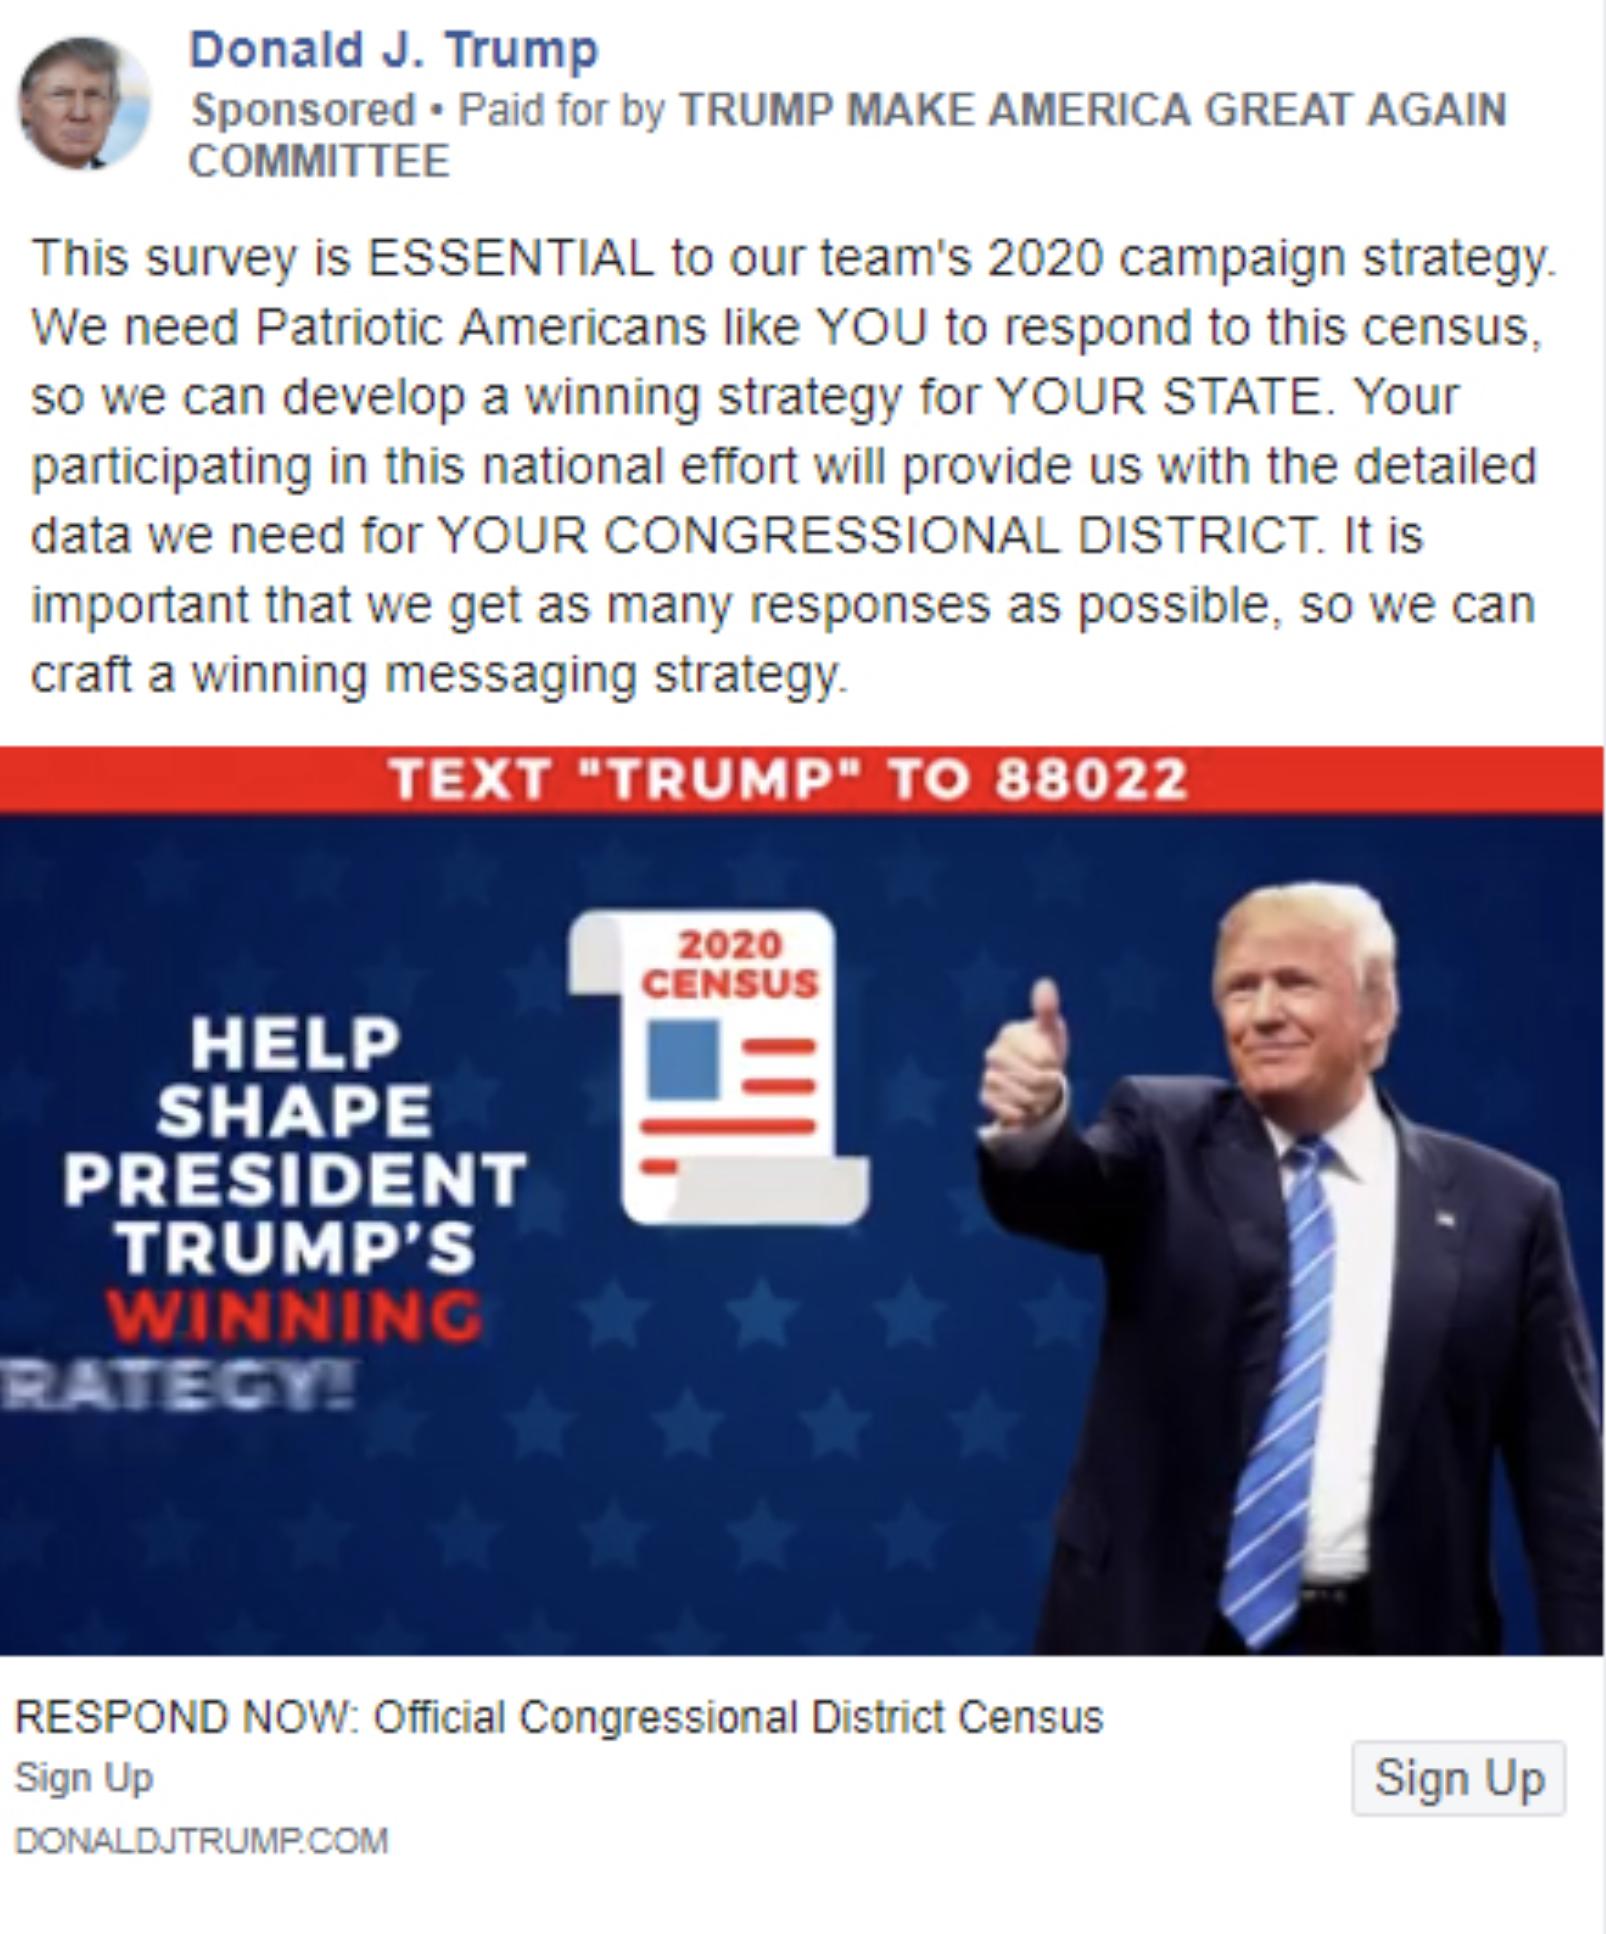 La campagne publicitaire mensongère de Trump.